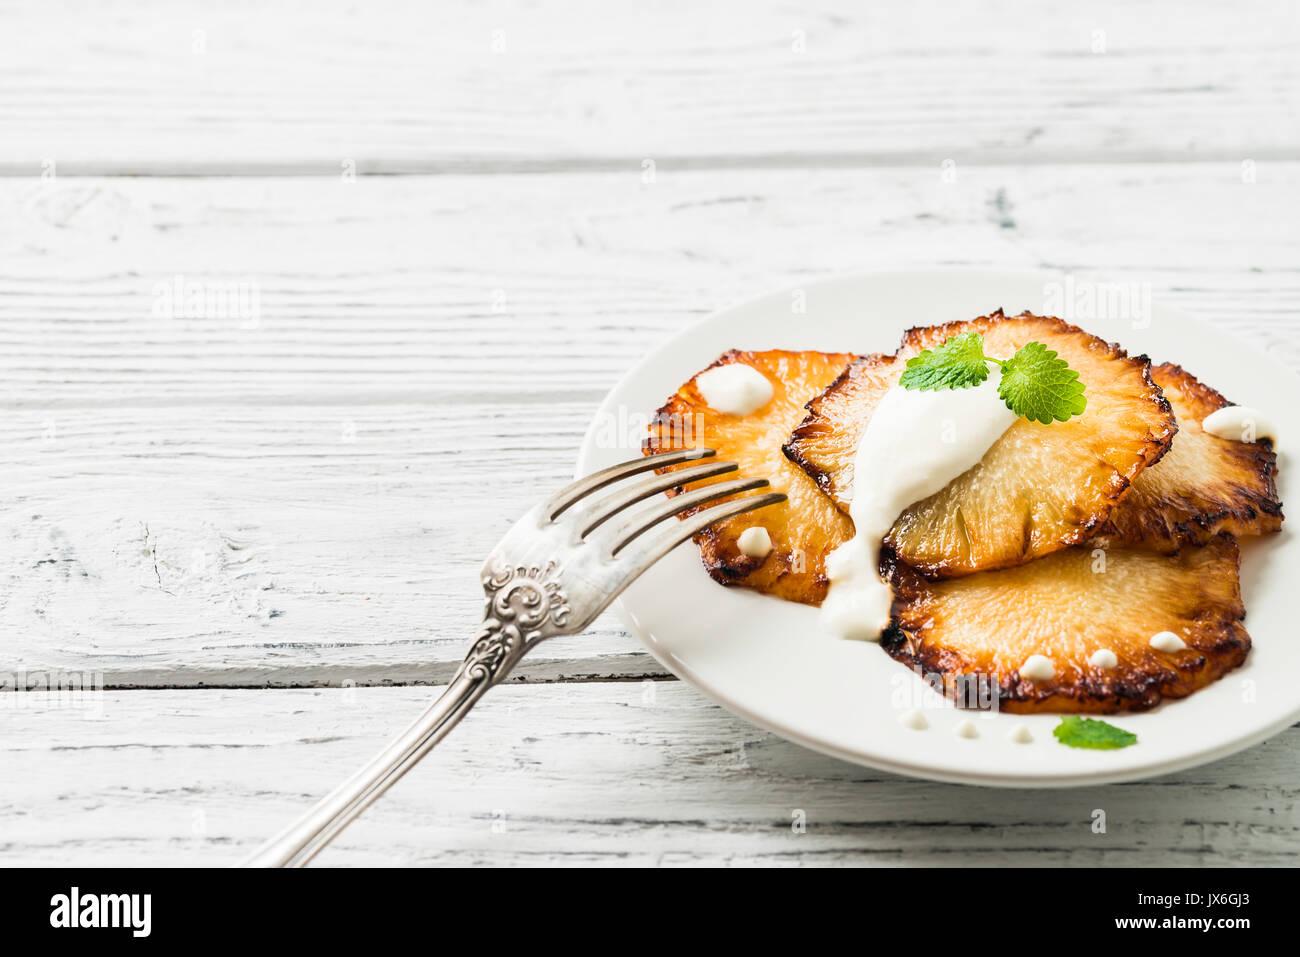 Frire les tranches d'ananas avec crème fraîche, la menthe en plaque blanche sur fond de bois. Copy space Photo Stock